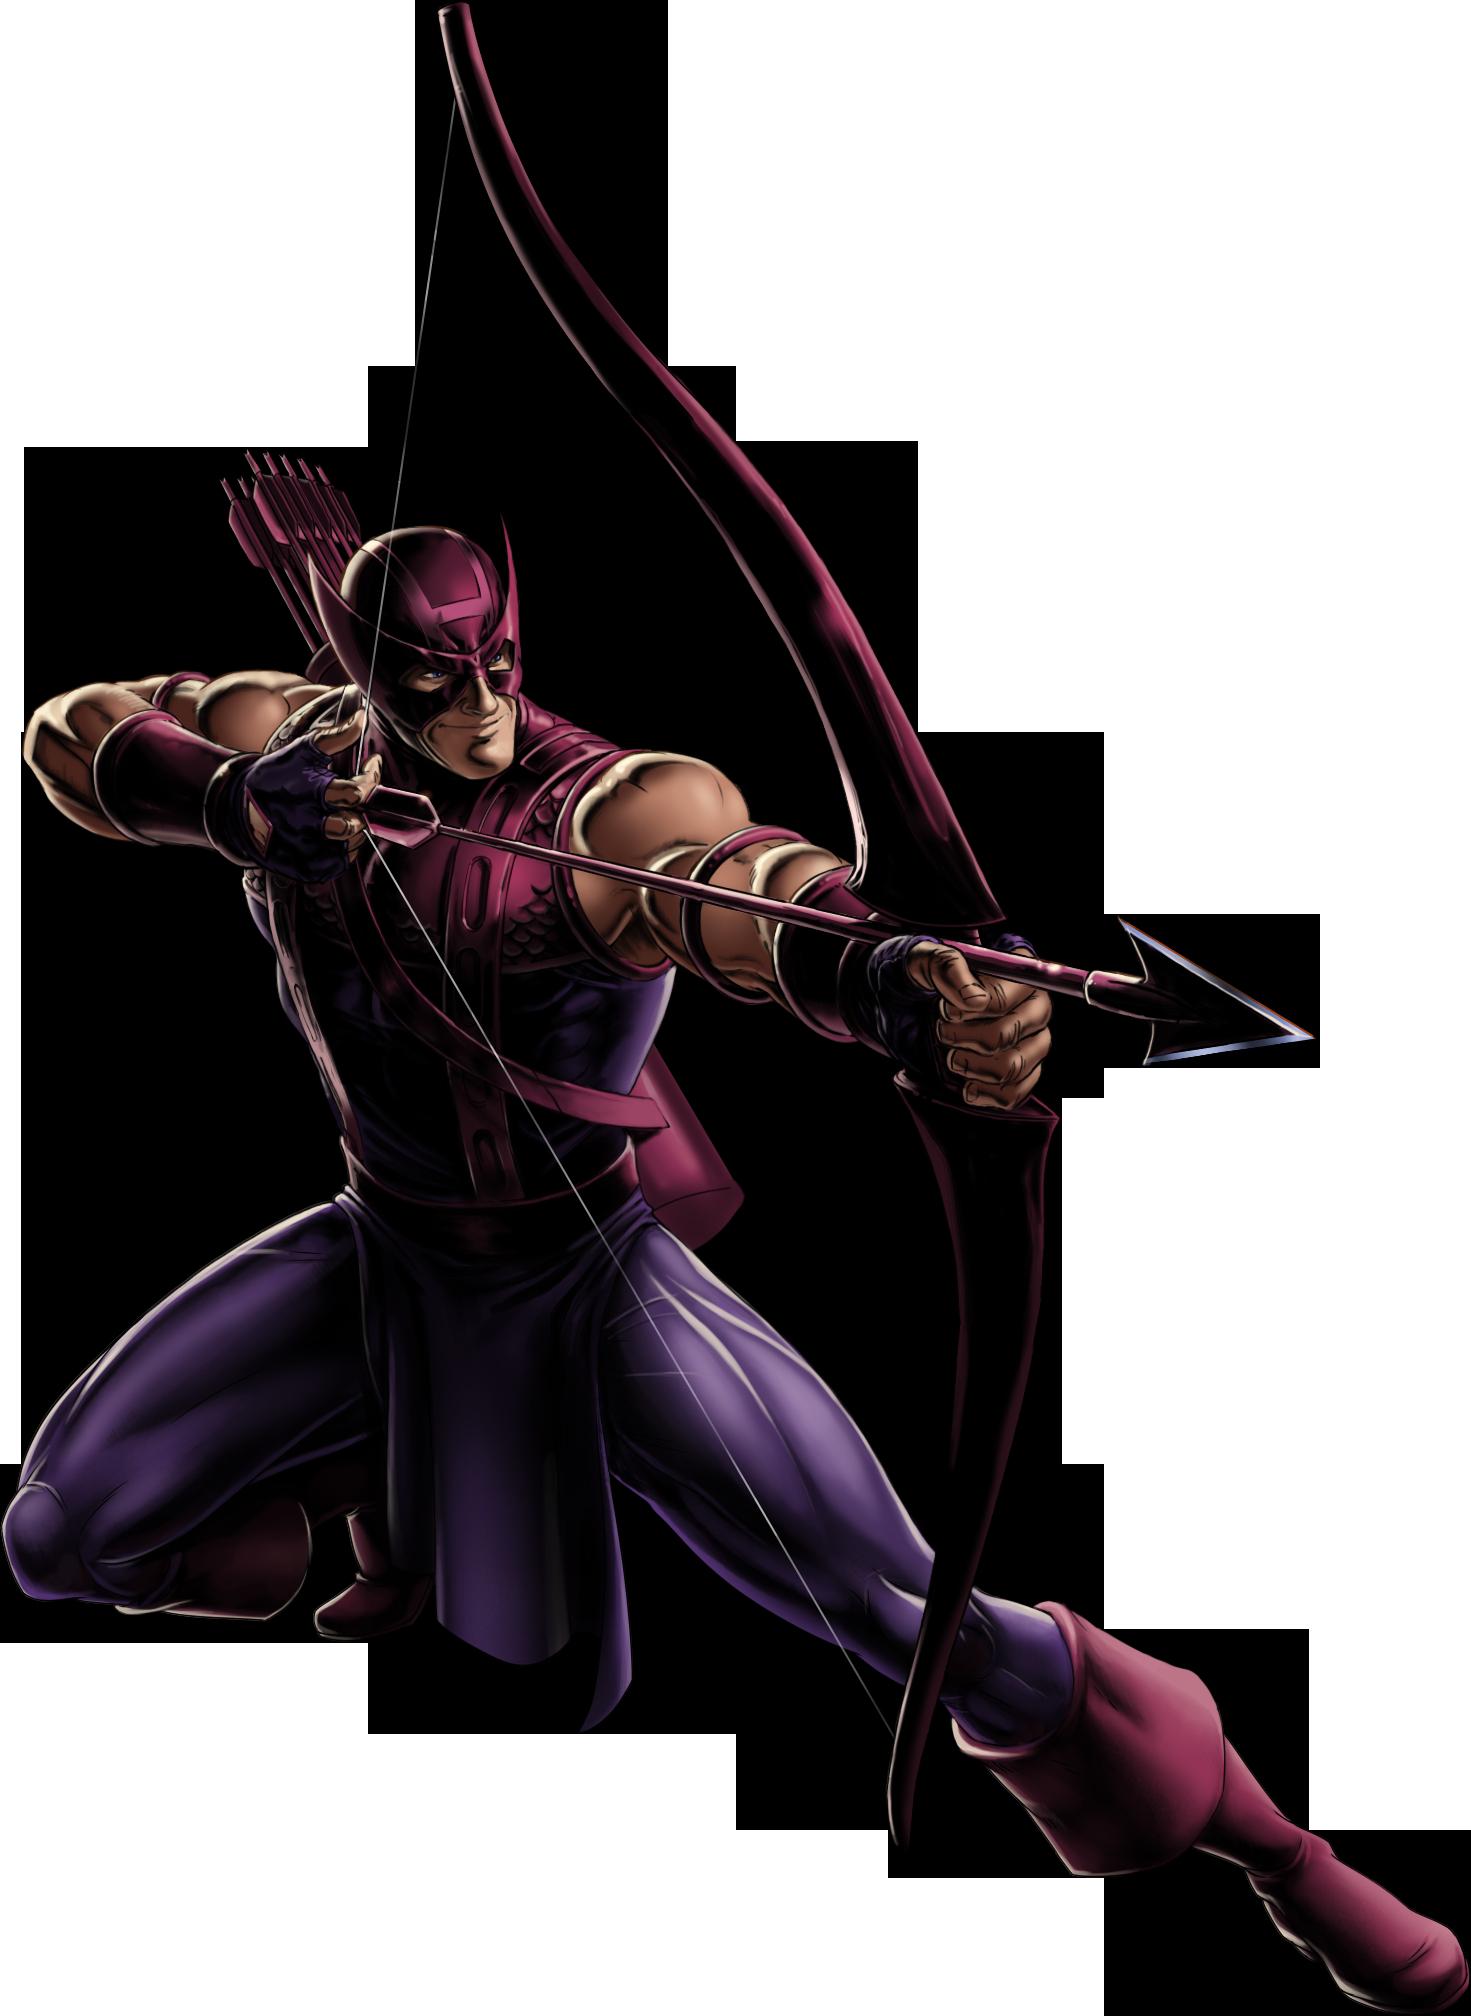 Hawkeye PNG - 20150